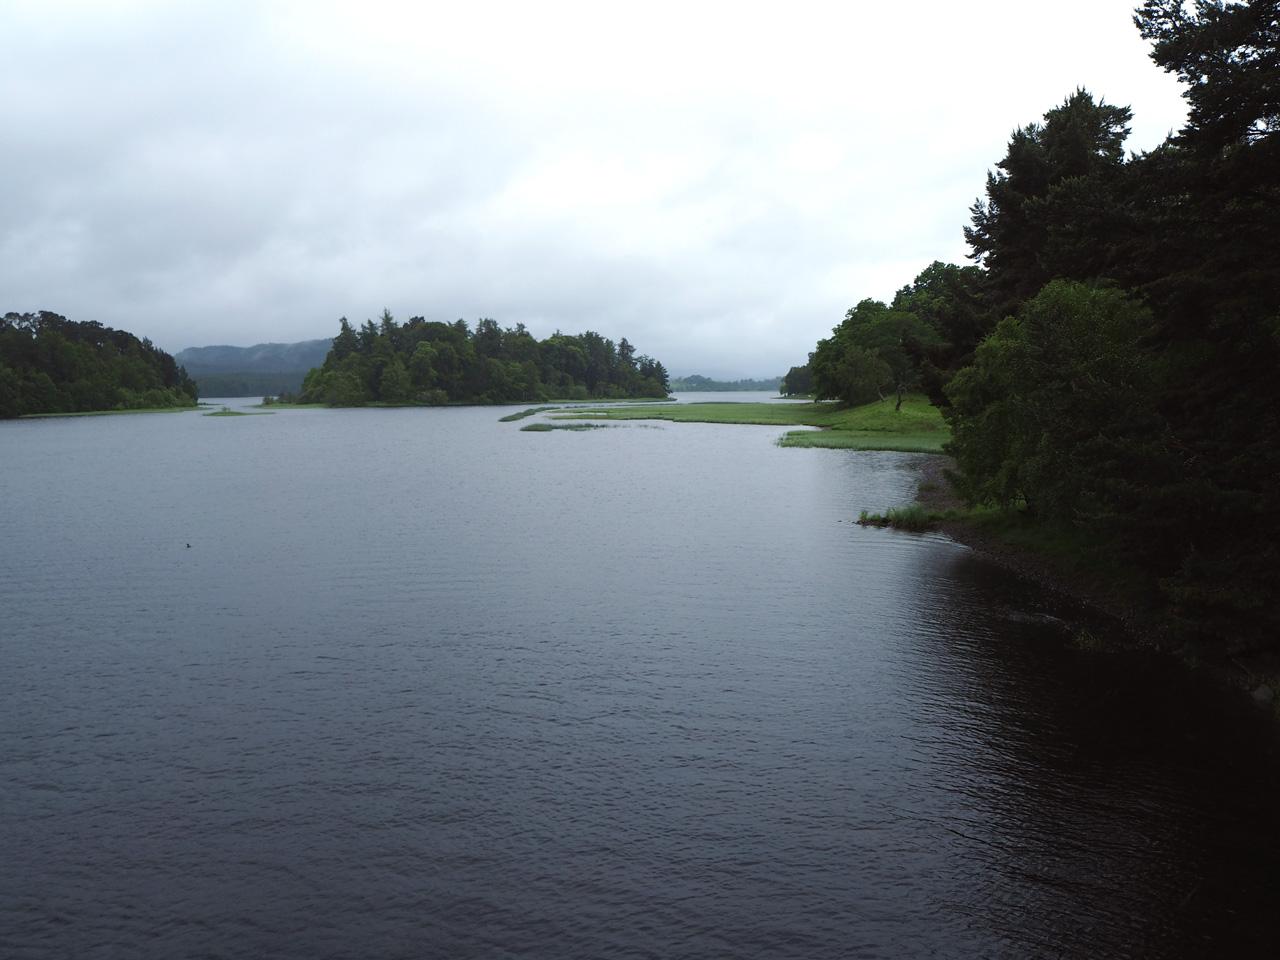 Loch Insh waar de Spey doorheen stroomt